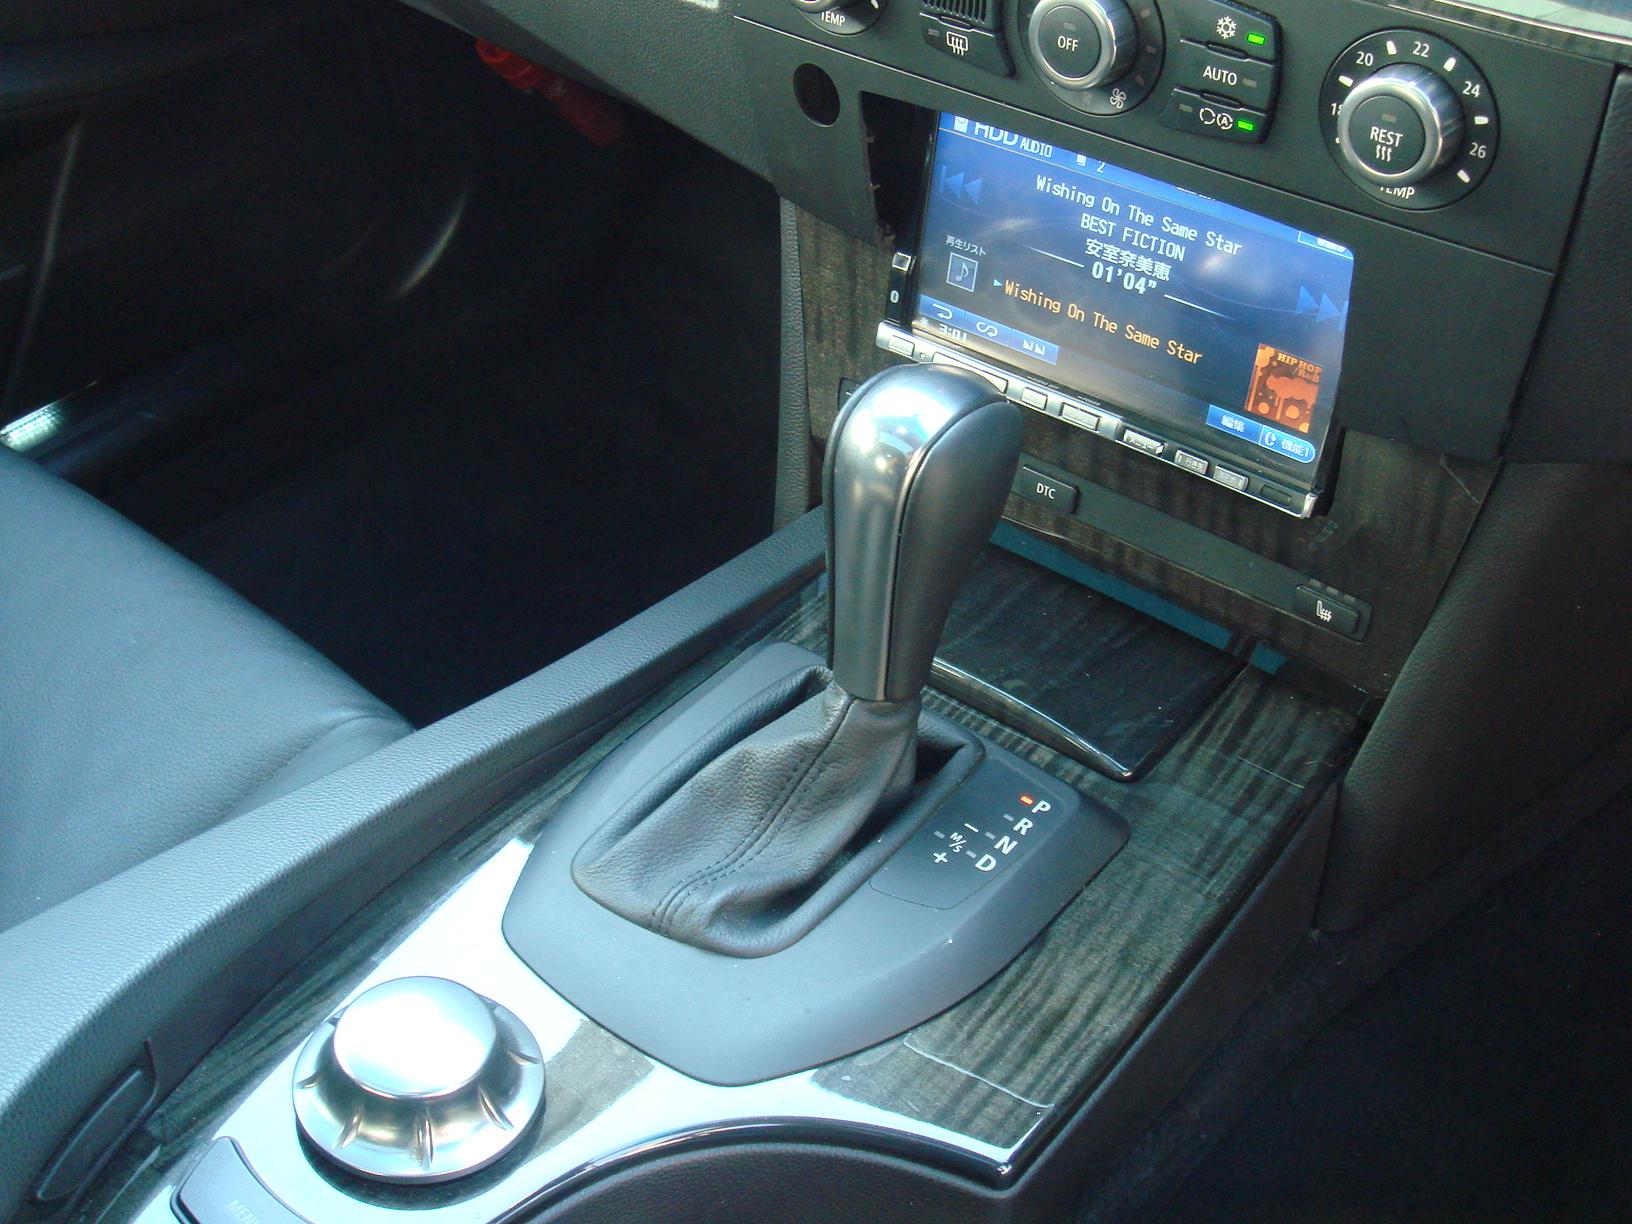 BMW 530i ハイラインパッケージ サンルーフ 後期エンジン車両画像12